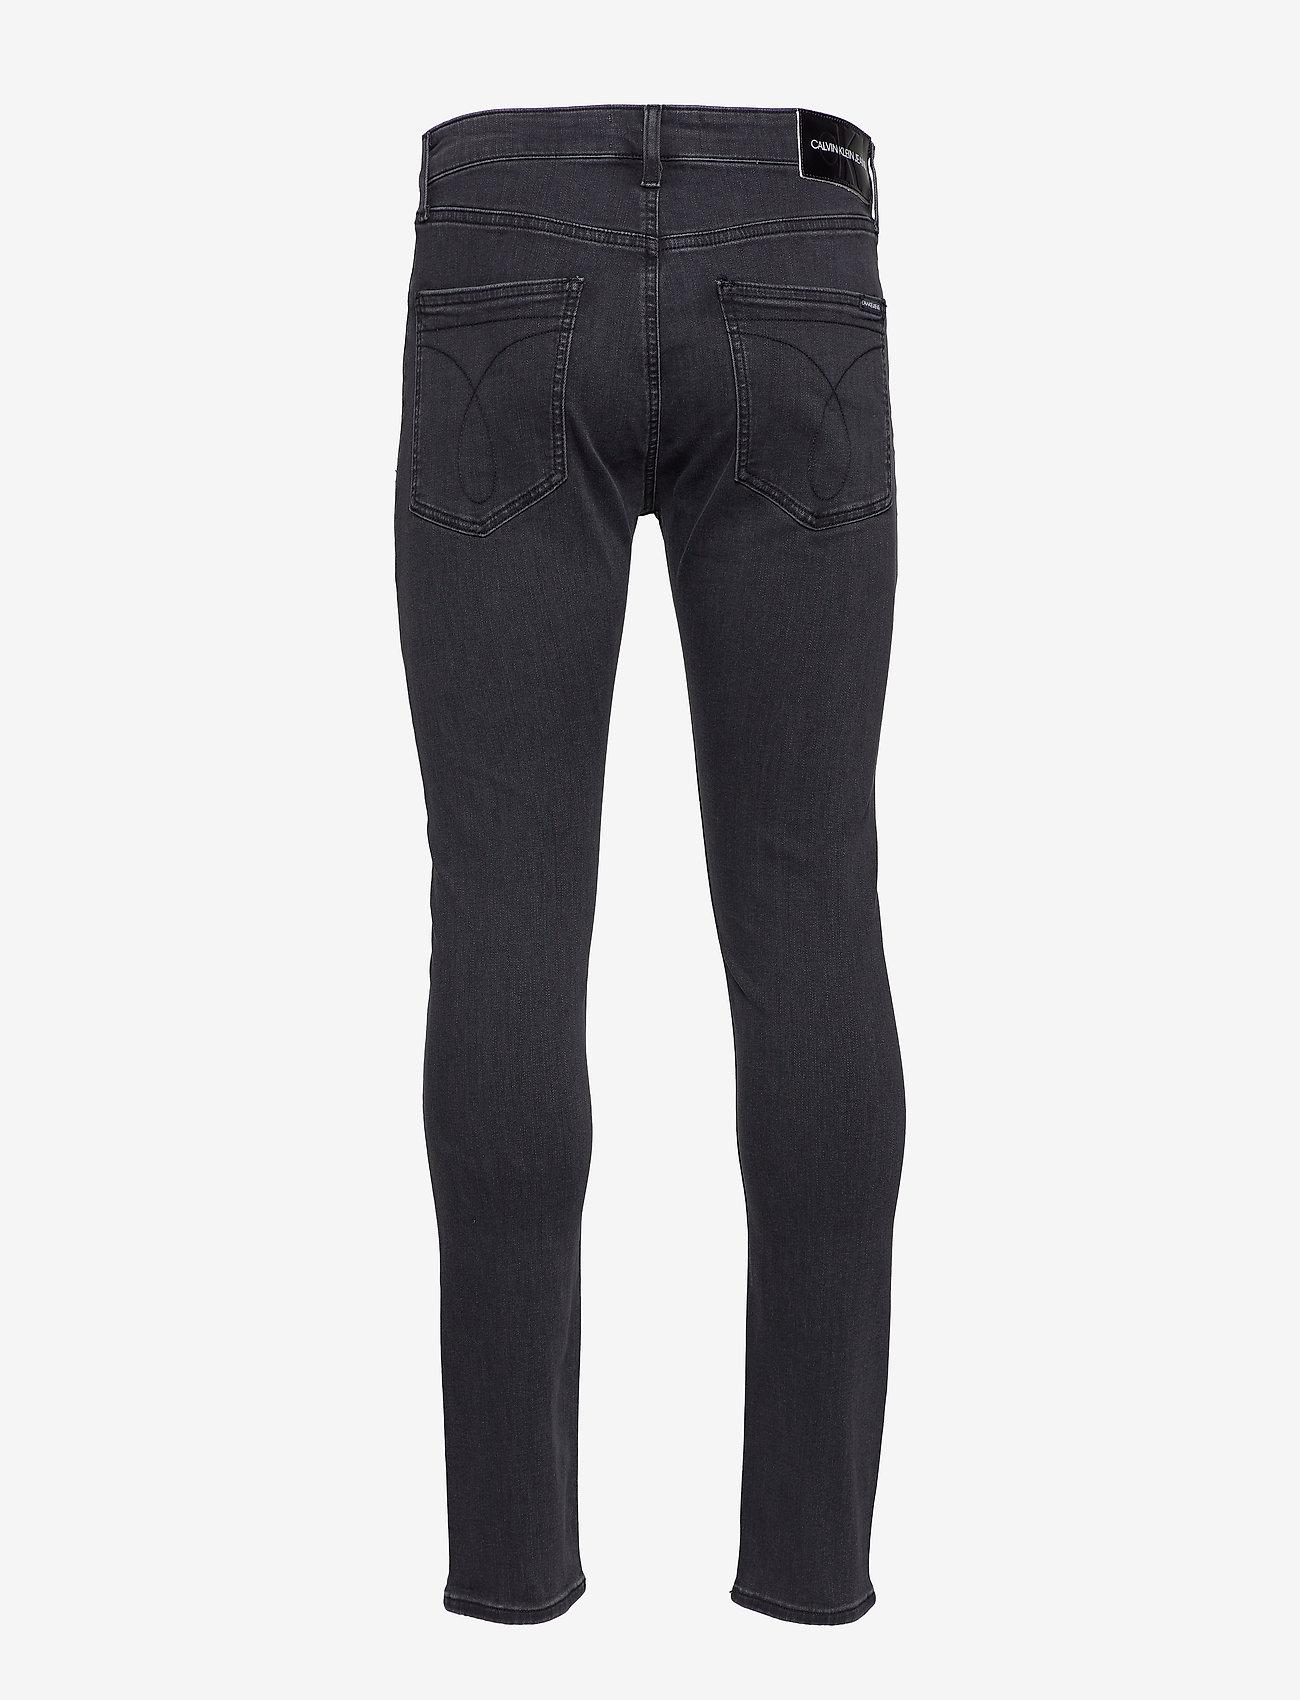 Calvin Klein Jeans - CKJ 016 SKINNY - skinny jeans - zz009 grey - 1